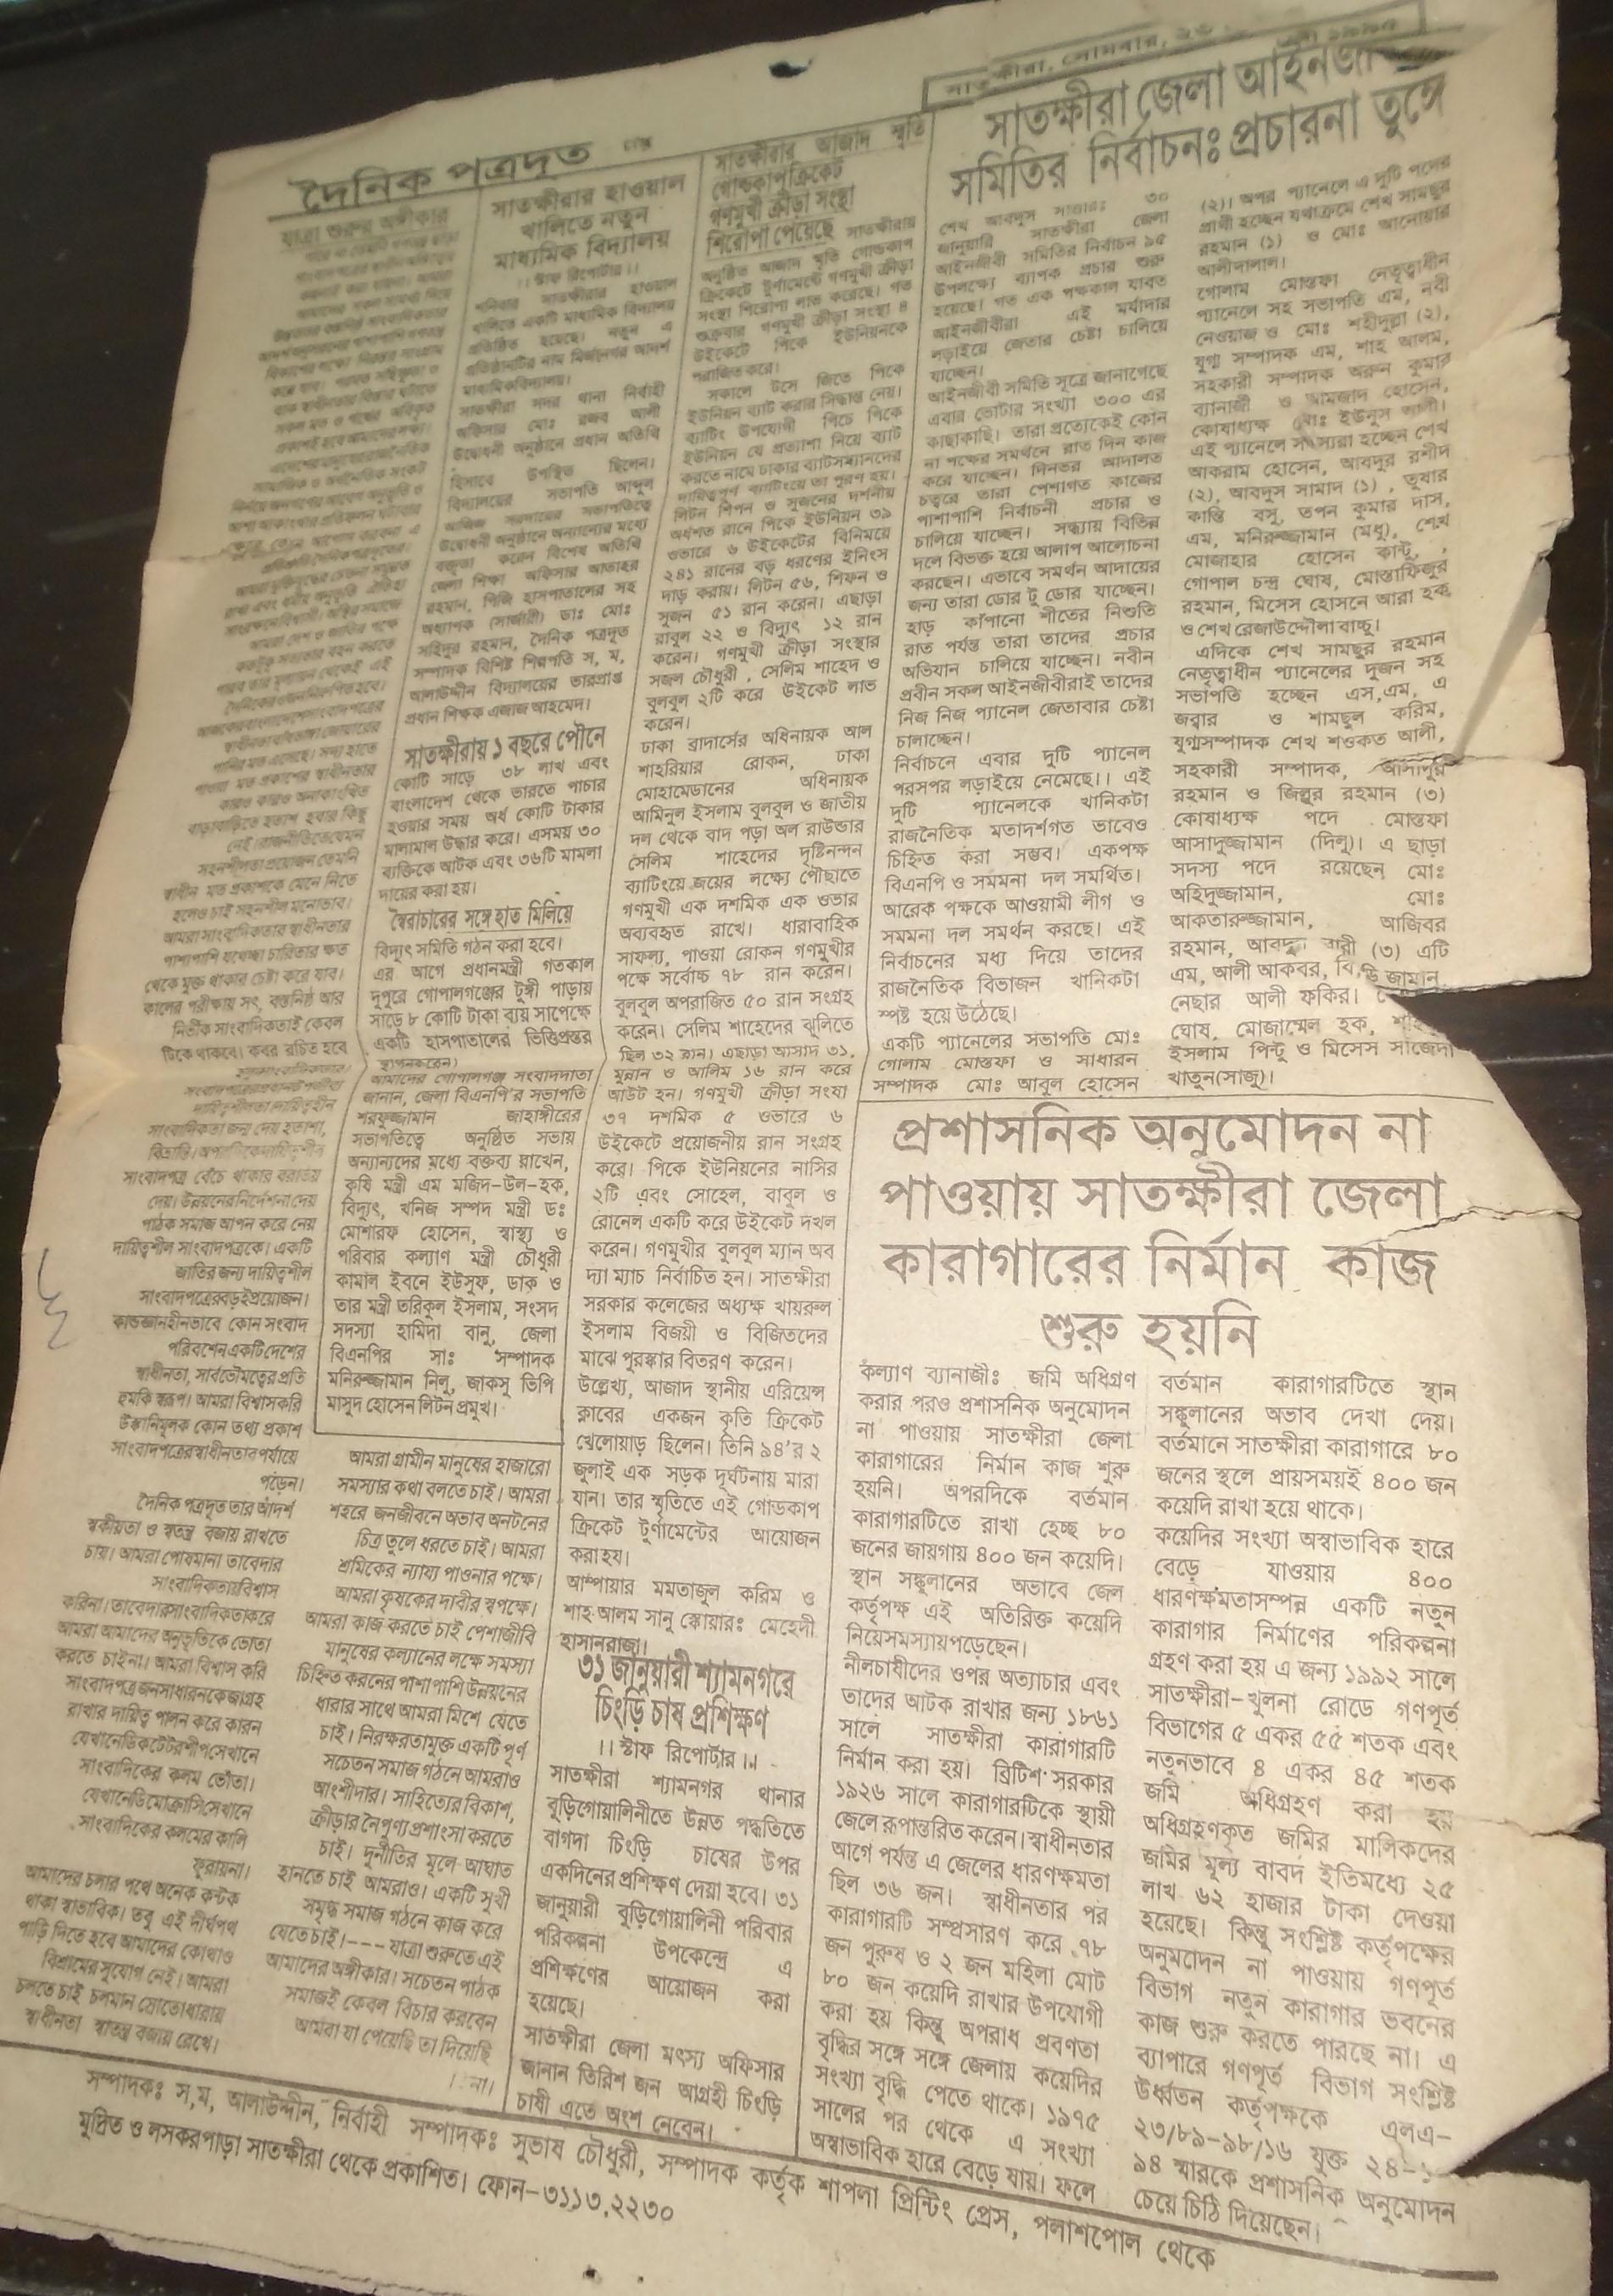 পত্রদূতের প্রথম সংখ্যা শেষ পাতা ২৩ জানুয়ারি ১৯৯৫